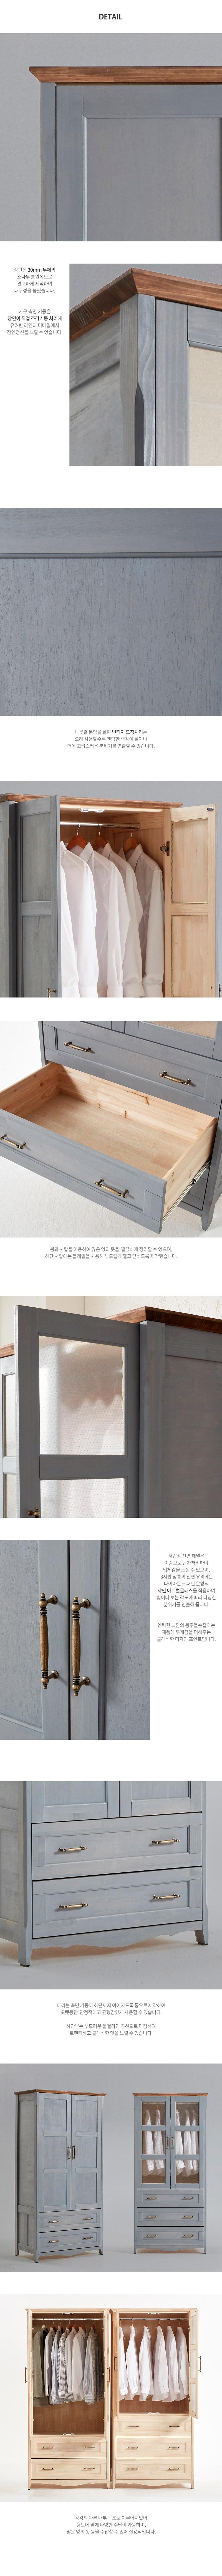 프리모 원목 수납 장롱 세트 - 인우드, 1,379,700원, 붙박이장/장롱, 붙박이장/세트